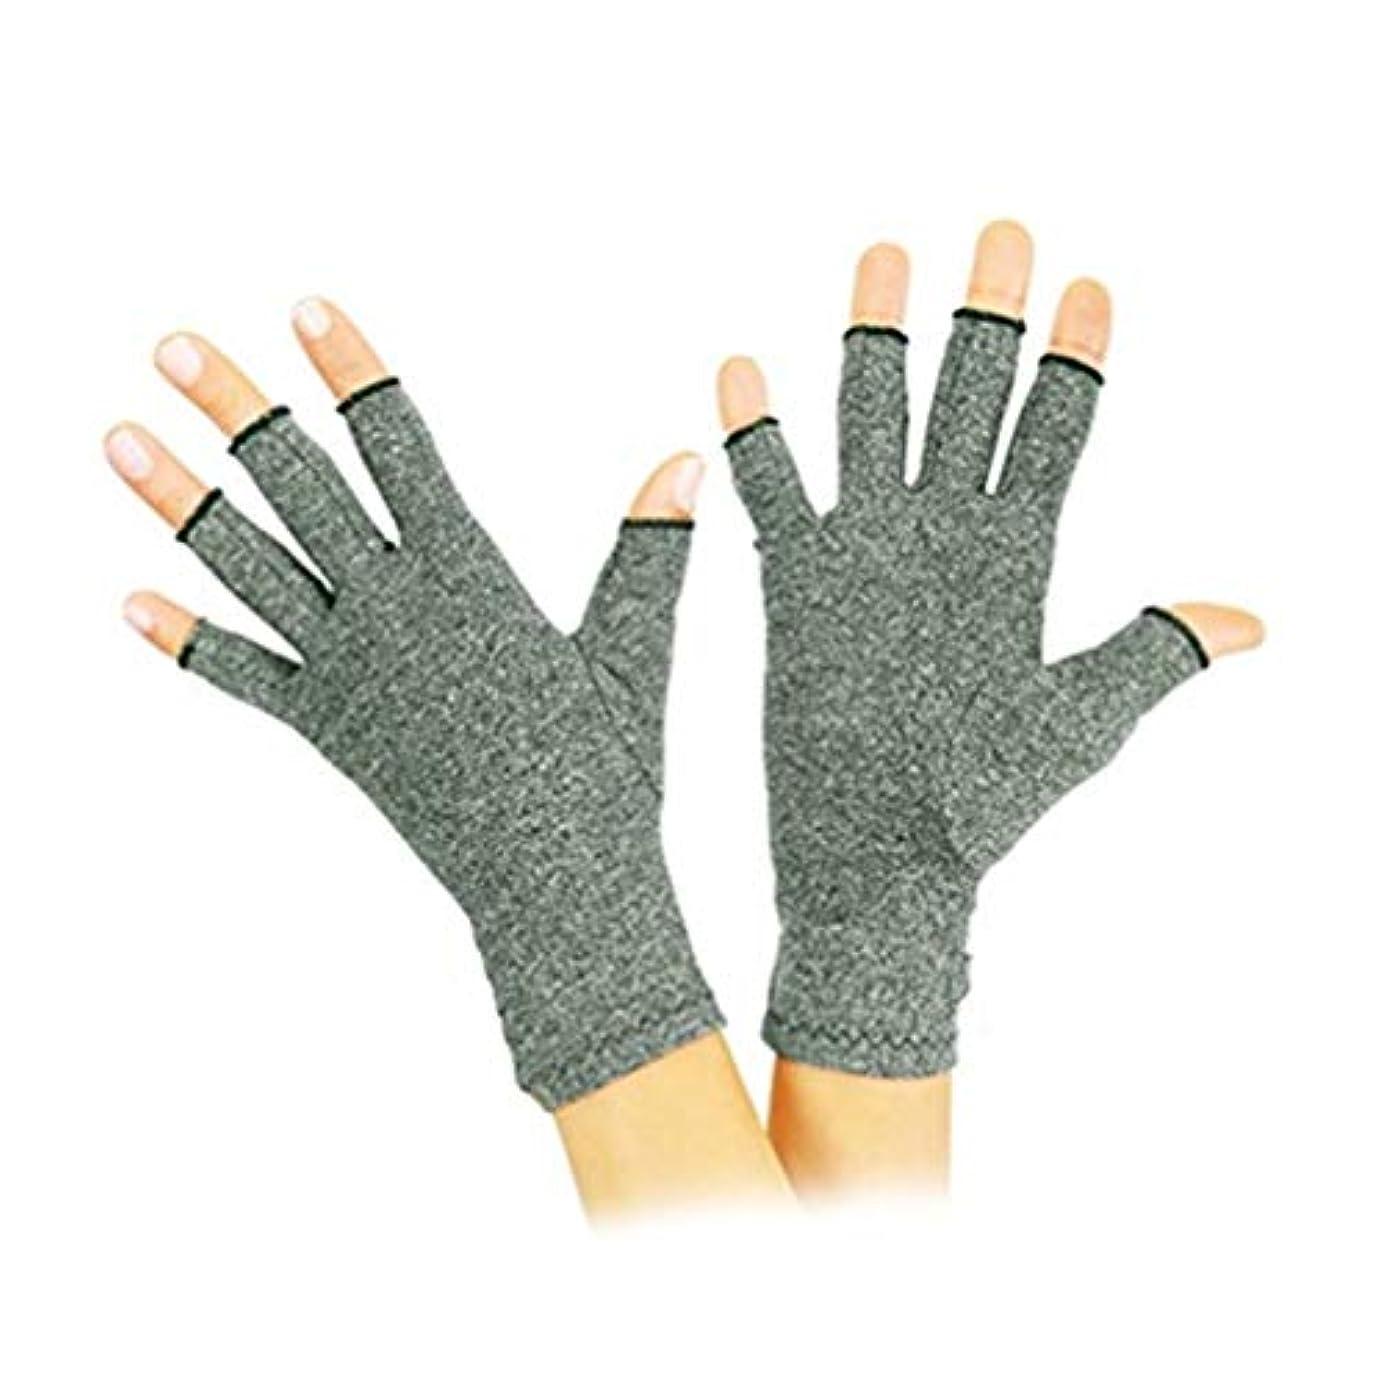 振幅部族医薬品関節リウマチリウマチ性変形性関節症用手袋圧縮手袋コンピュータ入力用痛み緩和